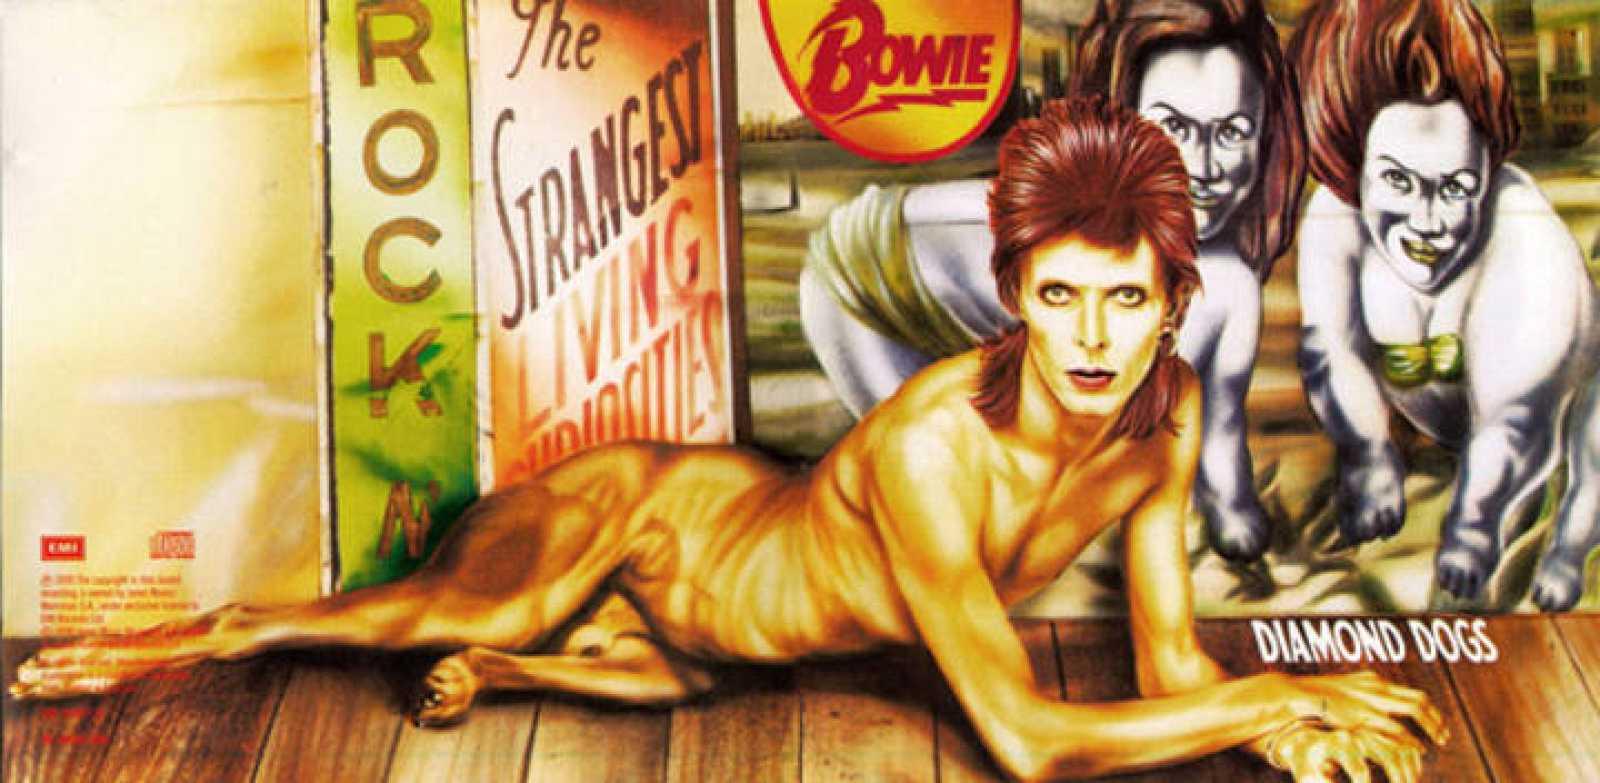 Guy Peellaert, portada del disco 'Diamond Dogs', de David Bowie, RCA Records, fotografía/collage/dibujo en papel, 1974